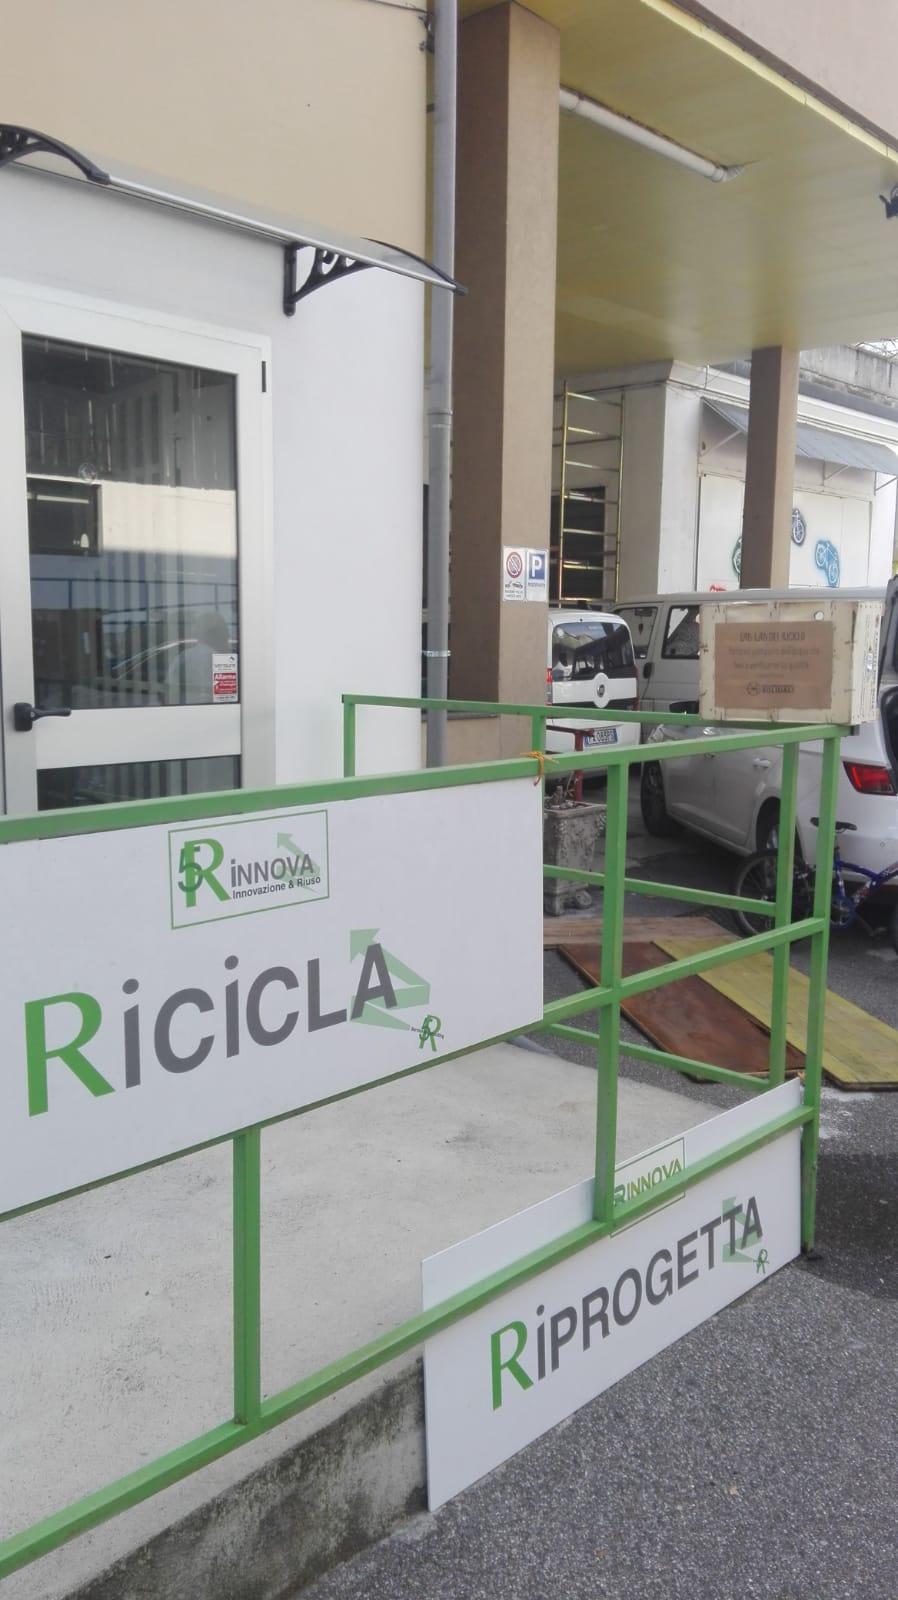 Ric08